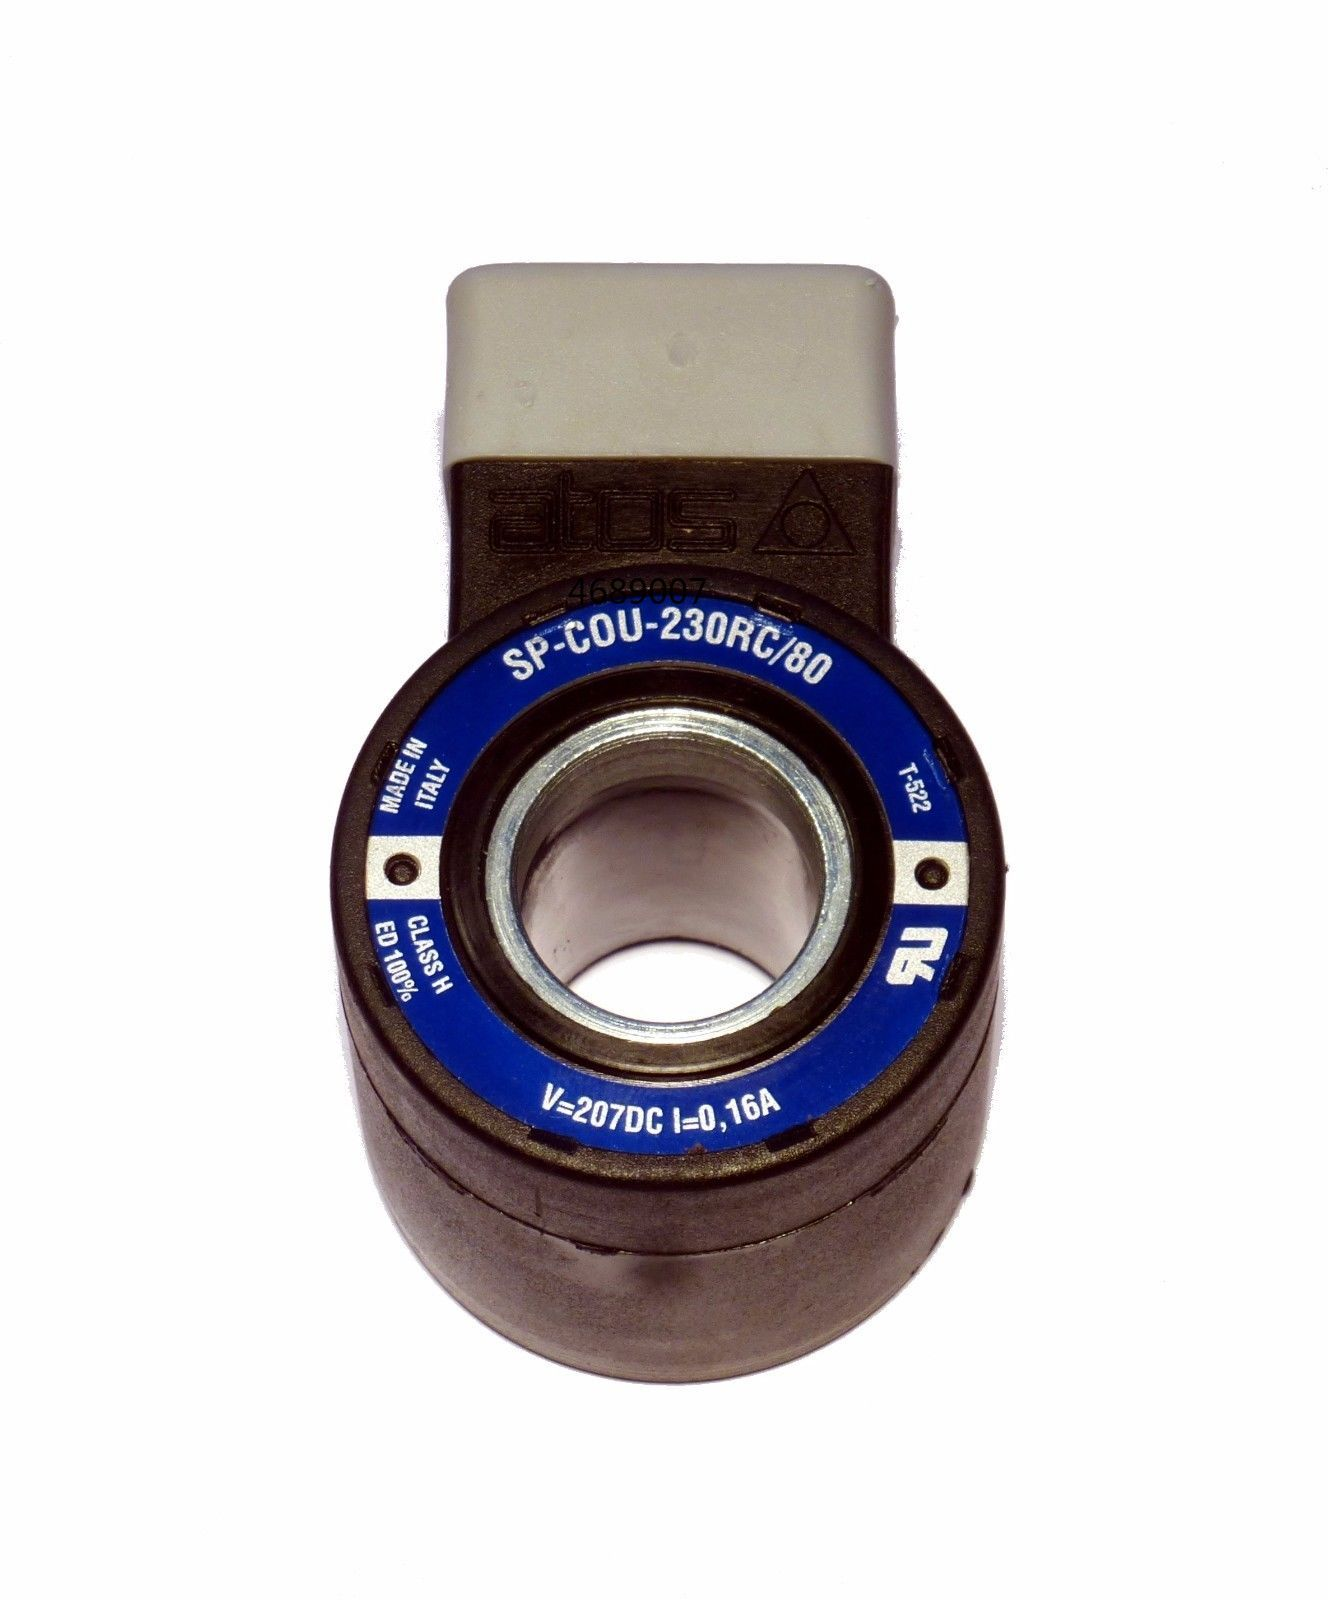 SP-COU-230RC Atos Magnet-Spule DHI Ventil solenoid coil valveSP-COU-230RC Atos Magnet-Spule DHI Ventil solenoid coil valve